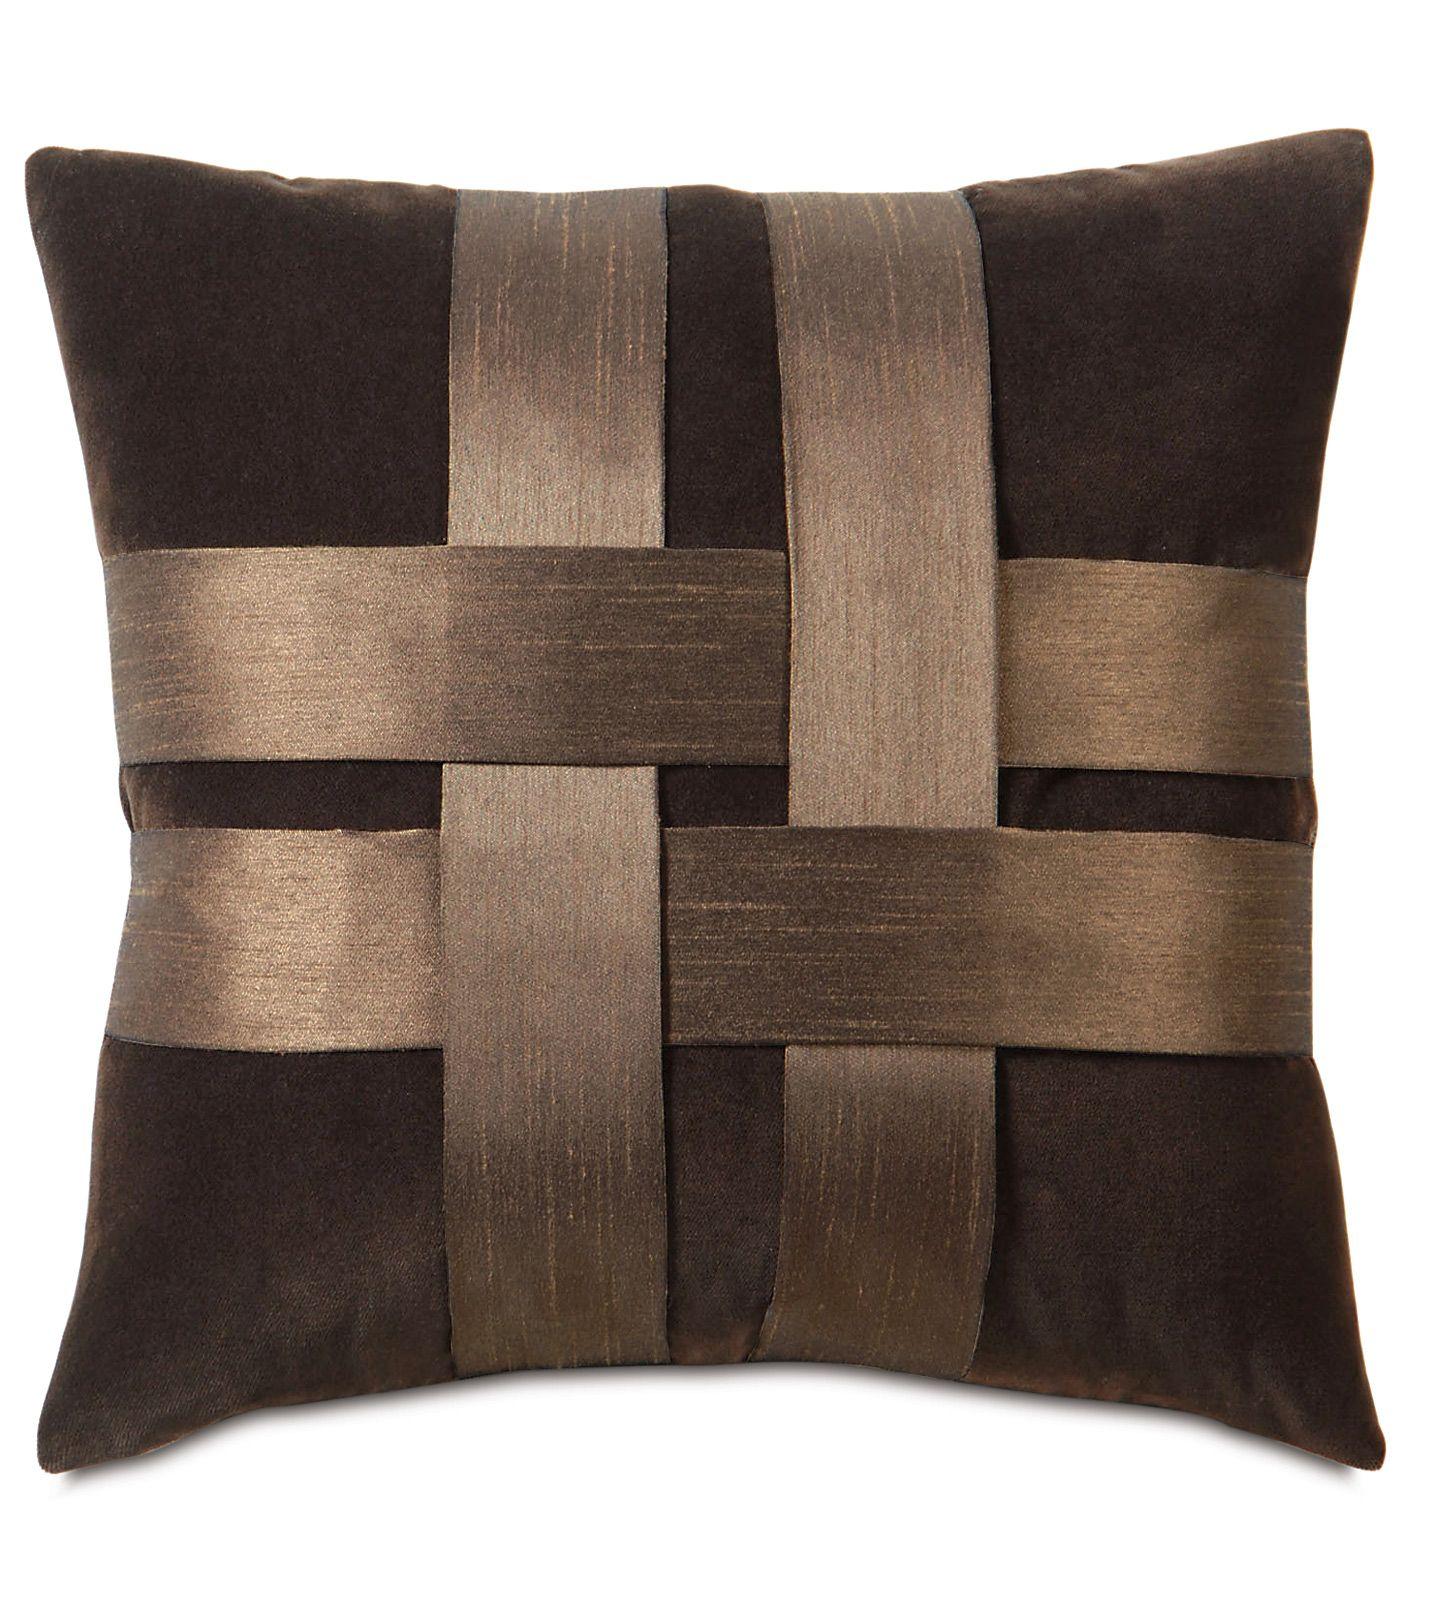 elegantes kissen alles f rs lzp nitinol und co pinterest kissen patchwork kissen und n hen. Black Bedroom Furniture Sets. Home Design Ideas